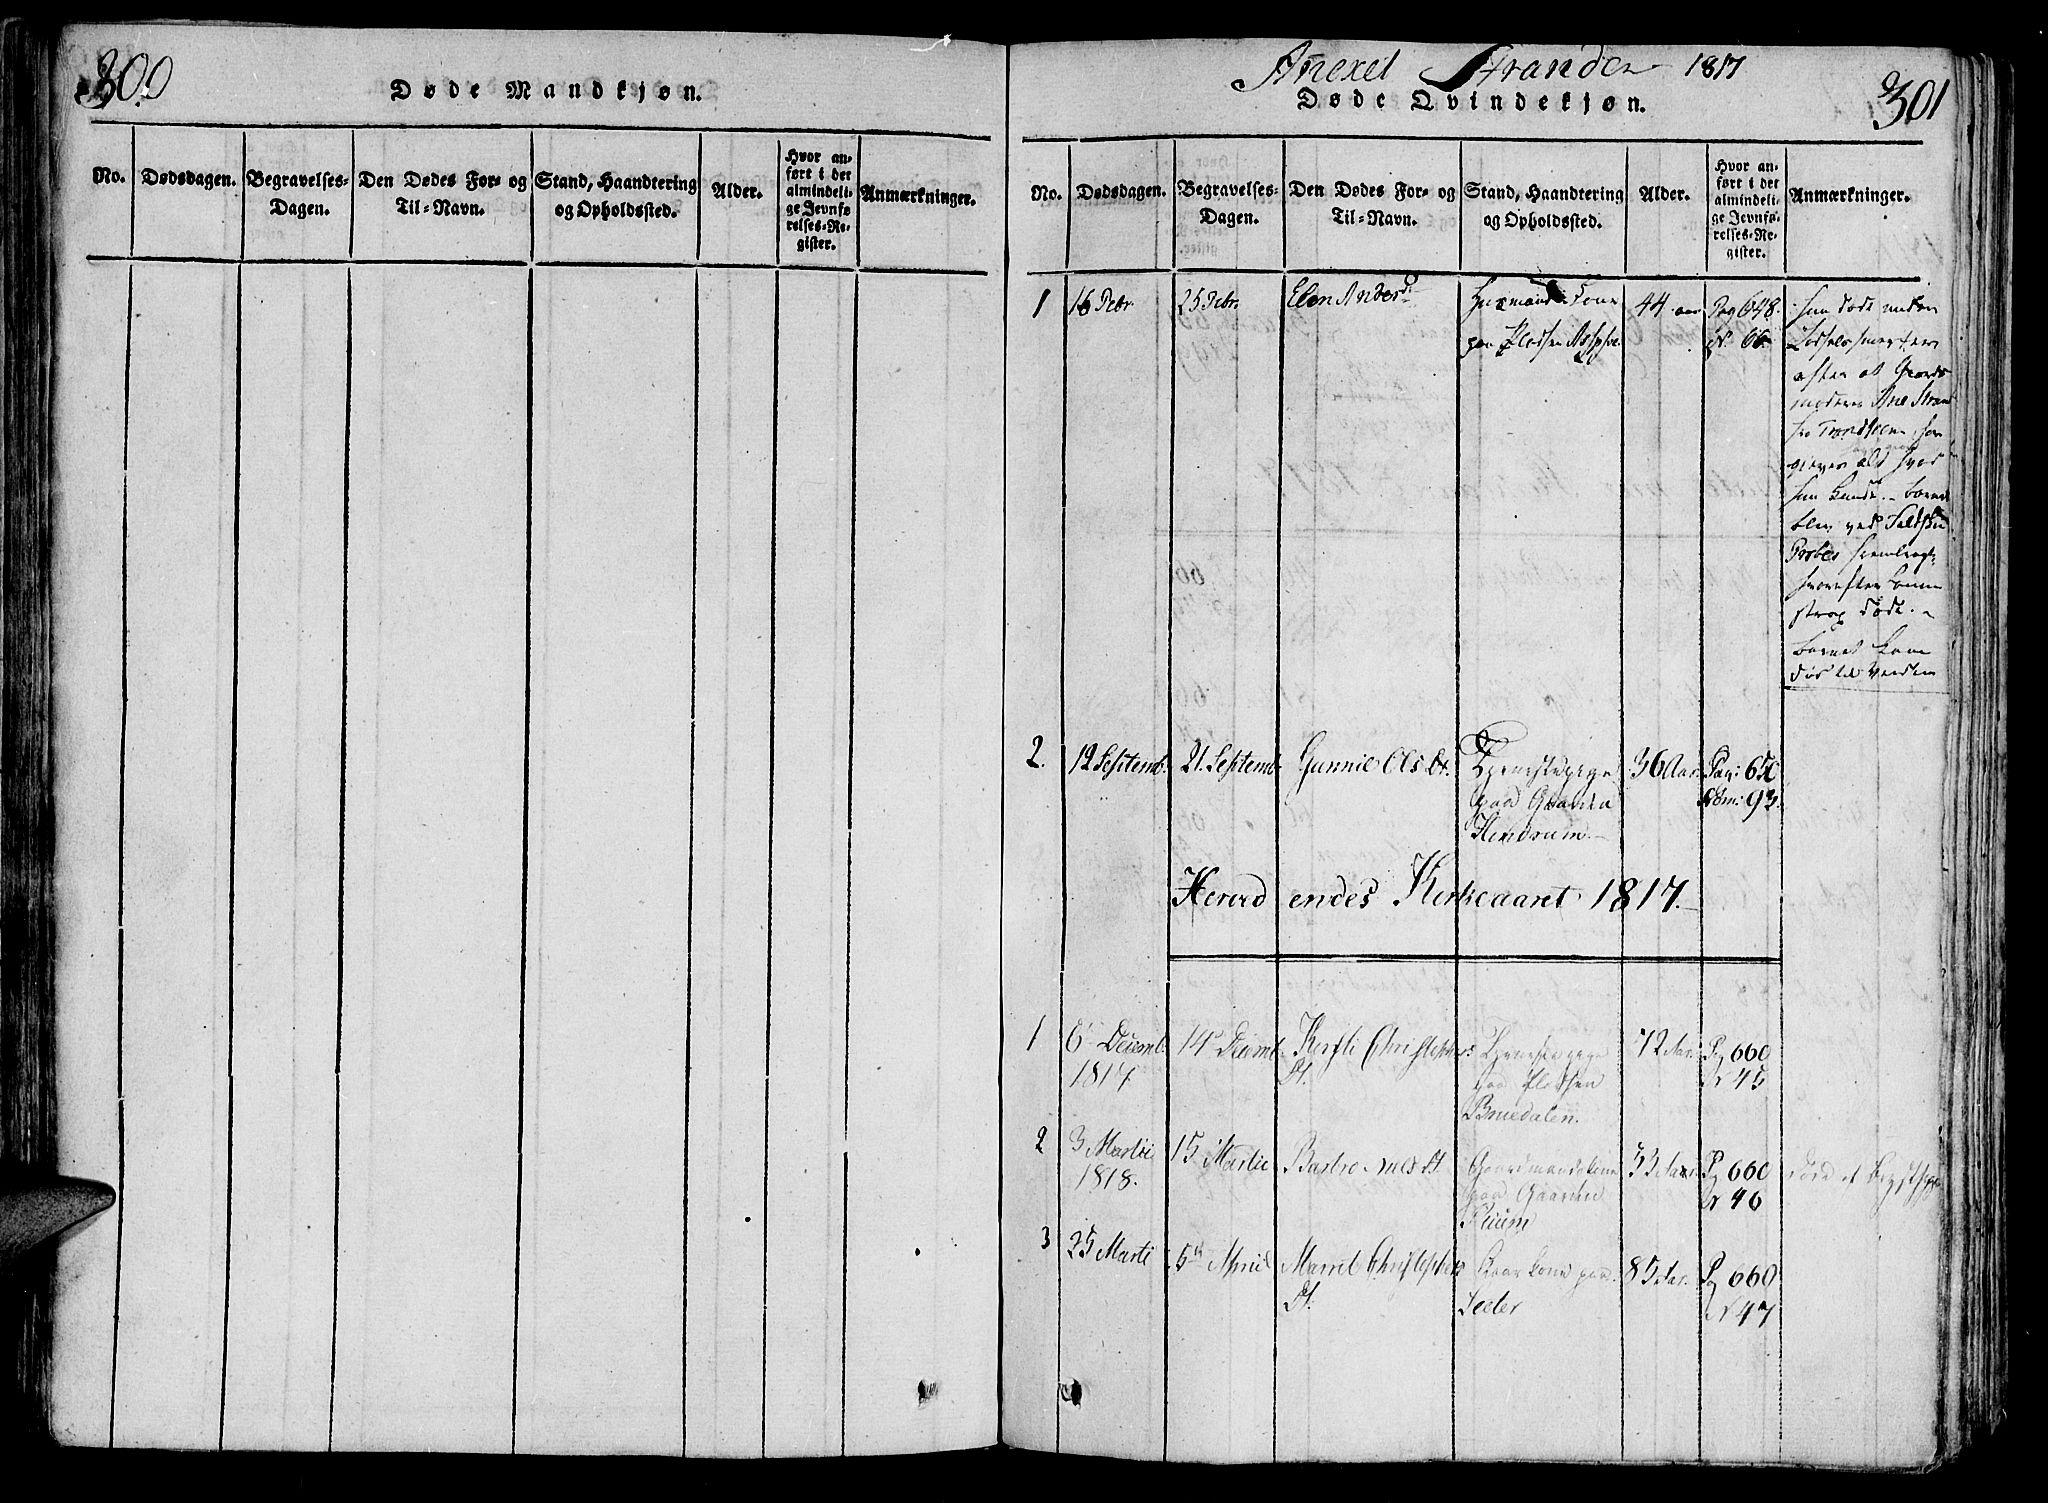 SAT, Ministerialprotokoller, klokkerbøker og fødselsregistre - Nord-Trøndelag, 701/L0005: Ministerialbok nr. 701A05 /2, 1816-1825, s. 300-301